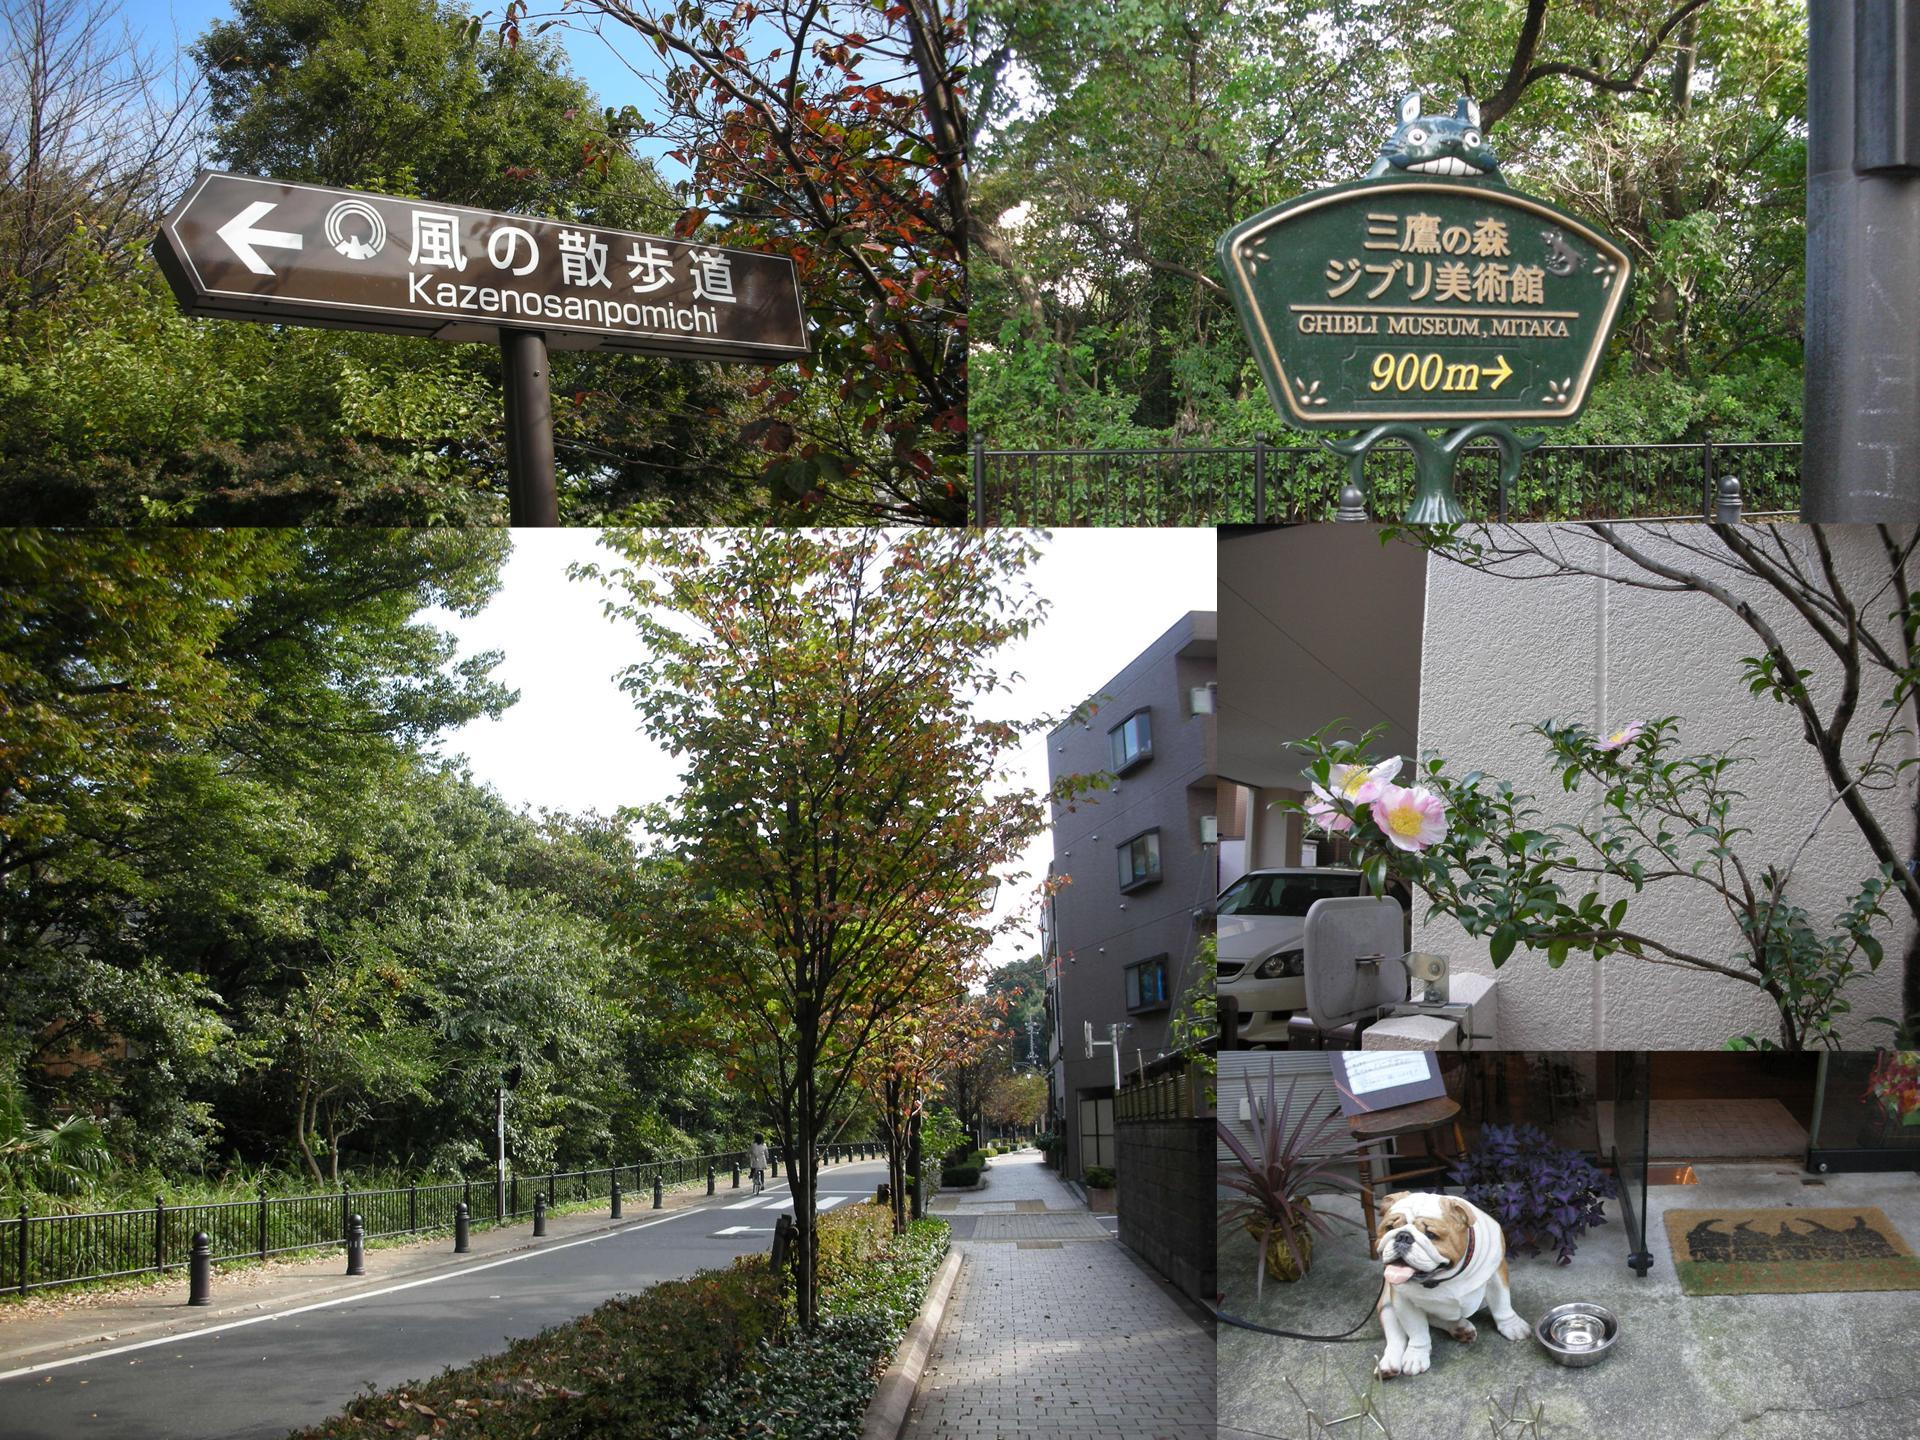 2007/11東京單人行D3-1~宮崎駿美術館&趕集般的原宿、表參道、銀座 @右上的世界食旅